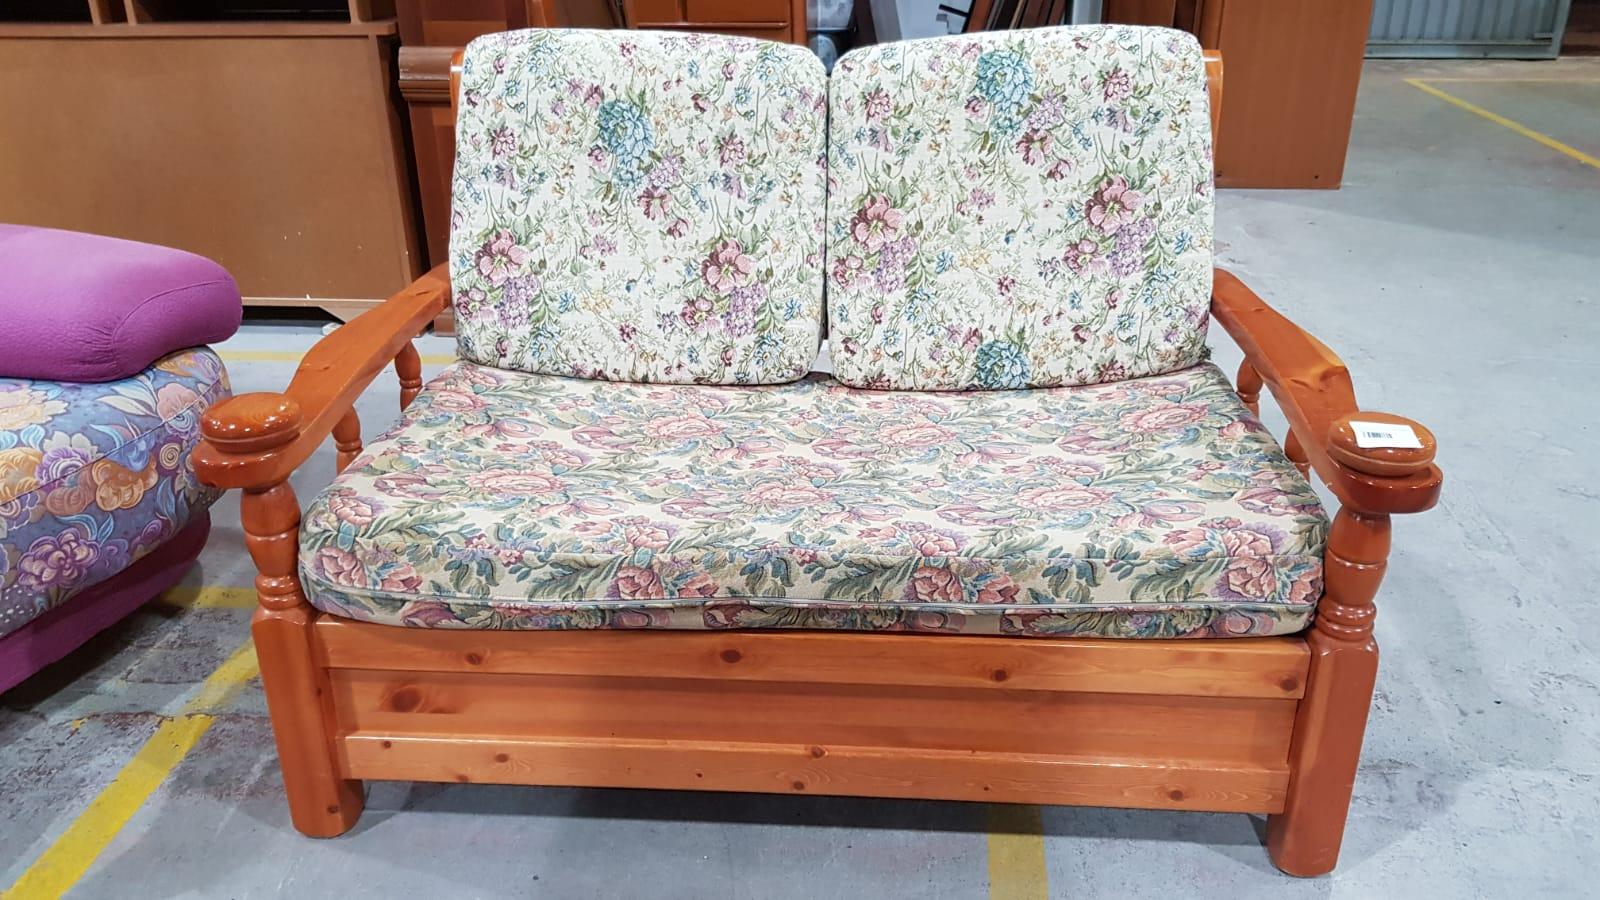 Cucina In Pino Russo : Catanzaro arredamento usato in pino russo. tavolo mobile sedia credenza